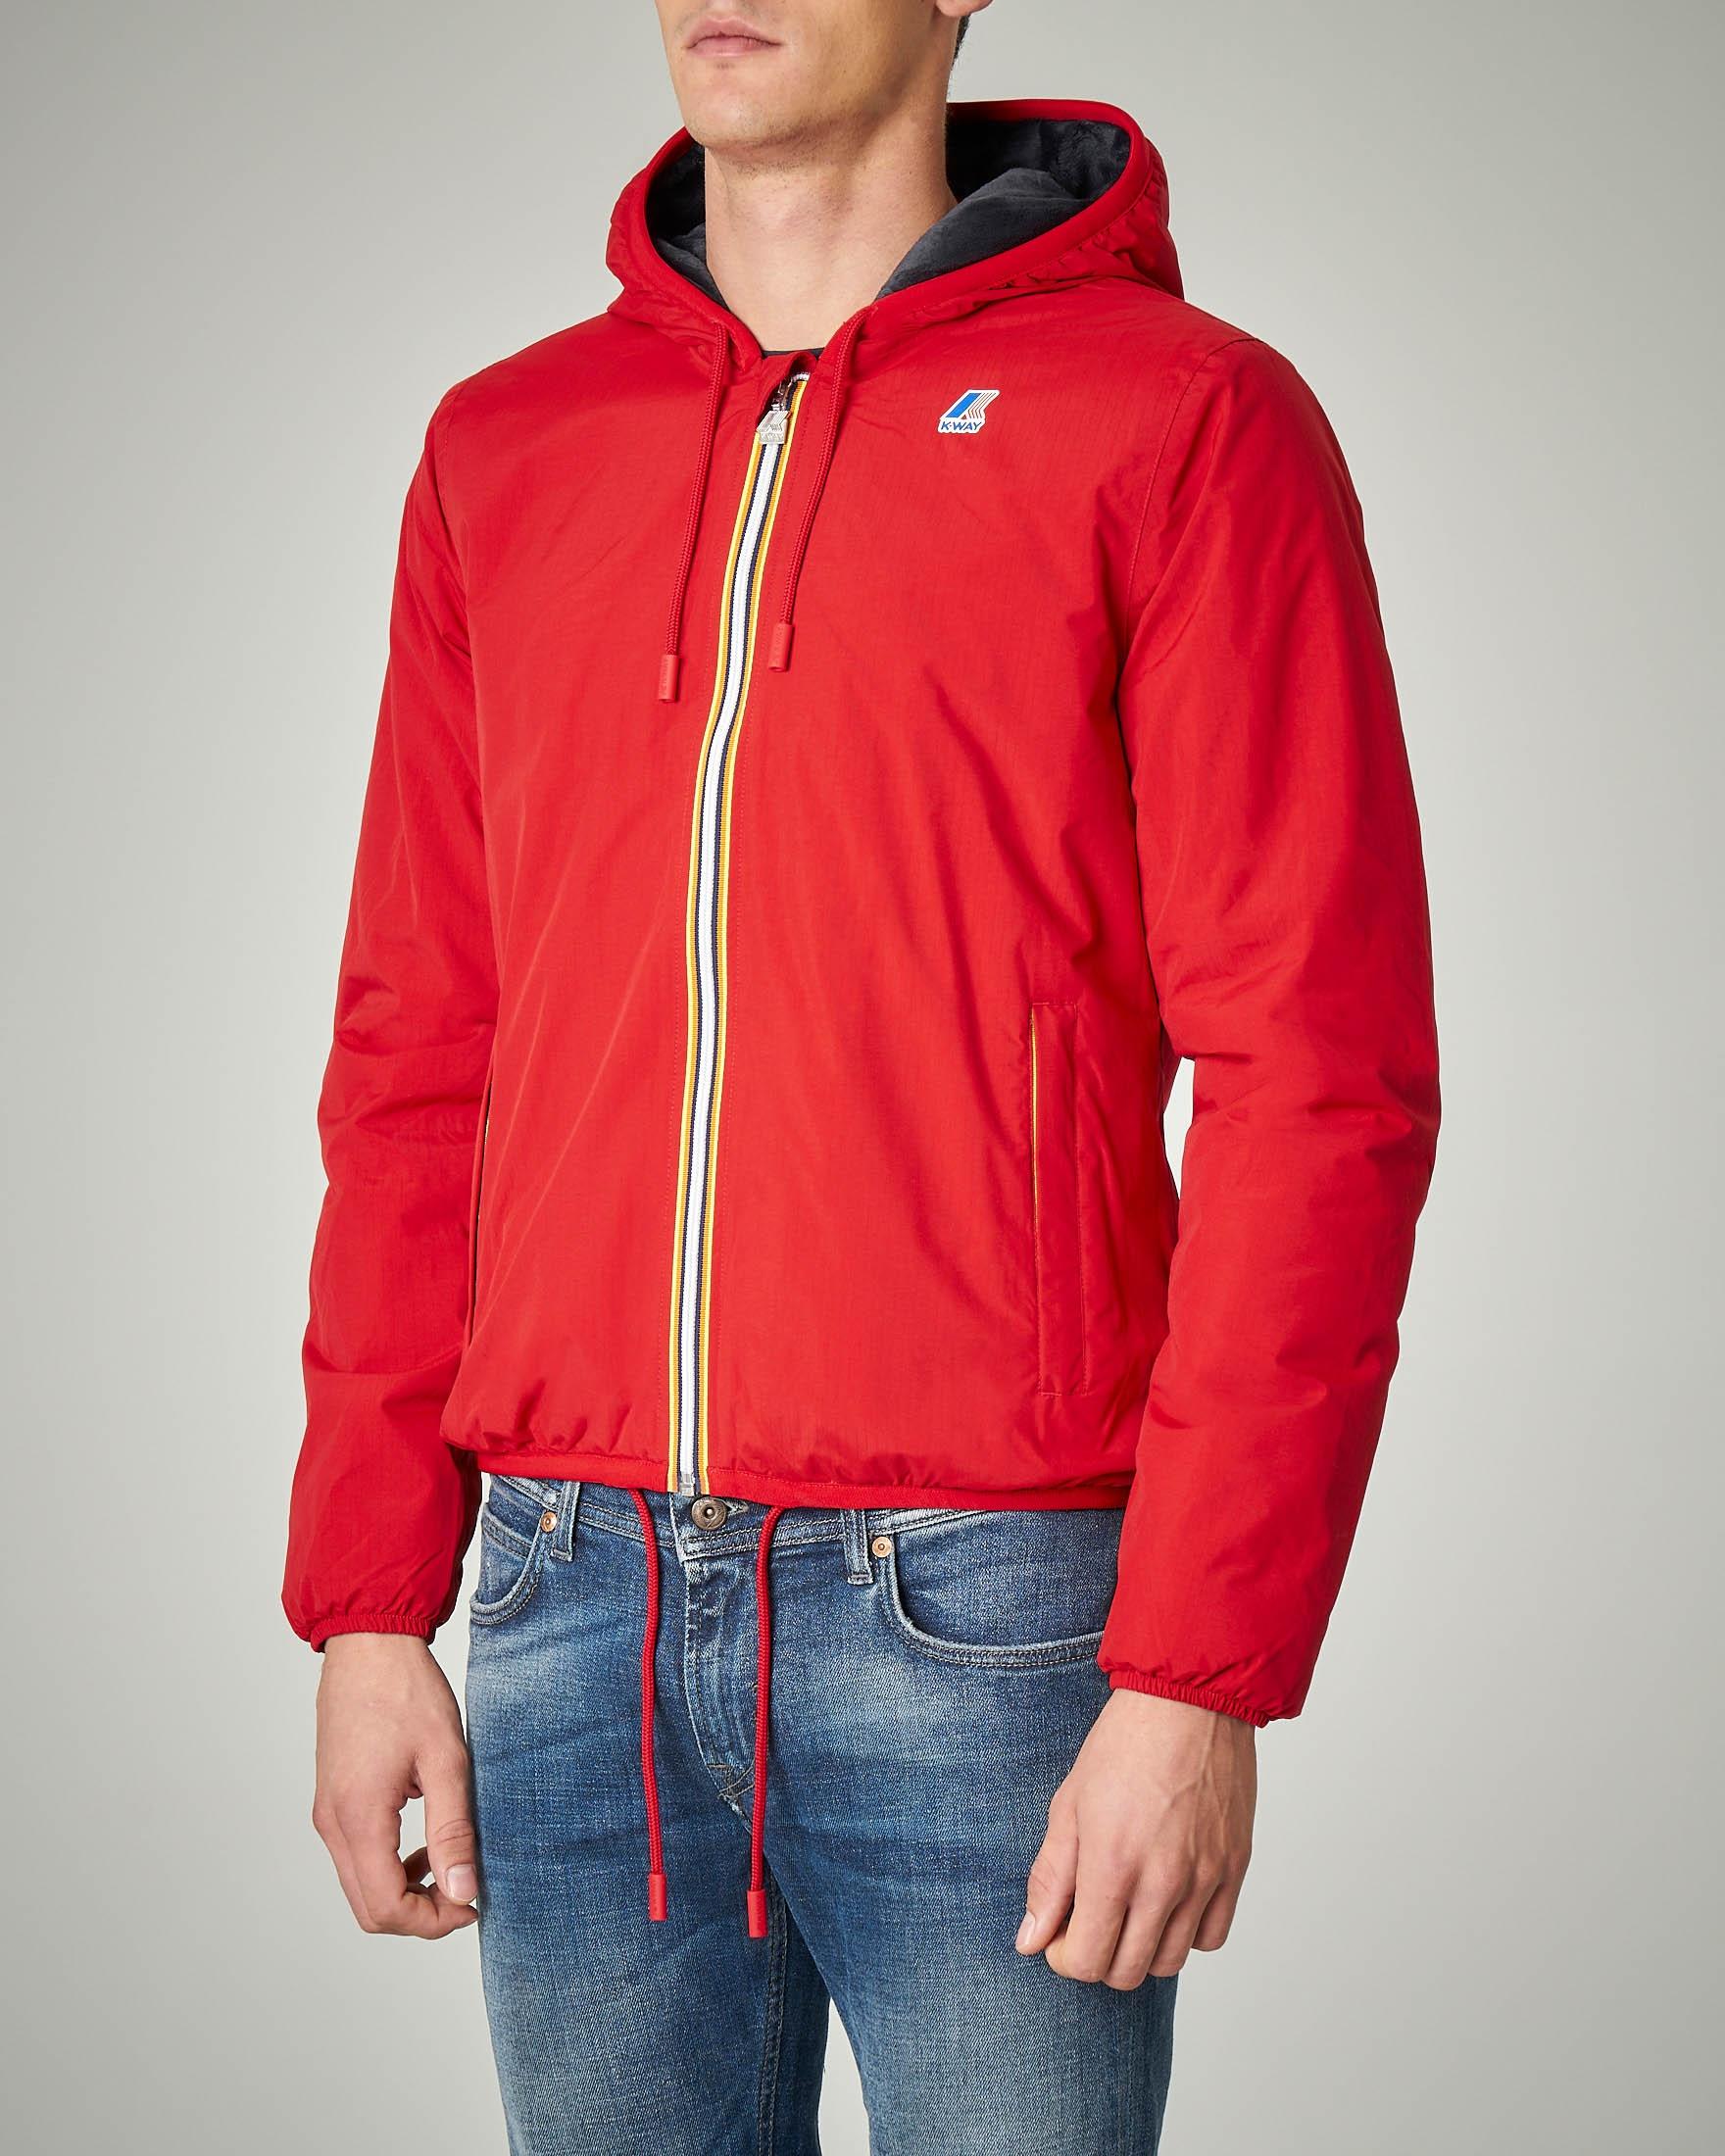 Giacca rossa in nylon Ripstop